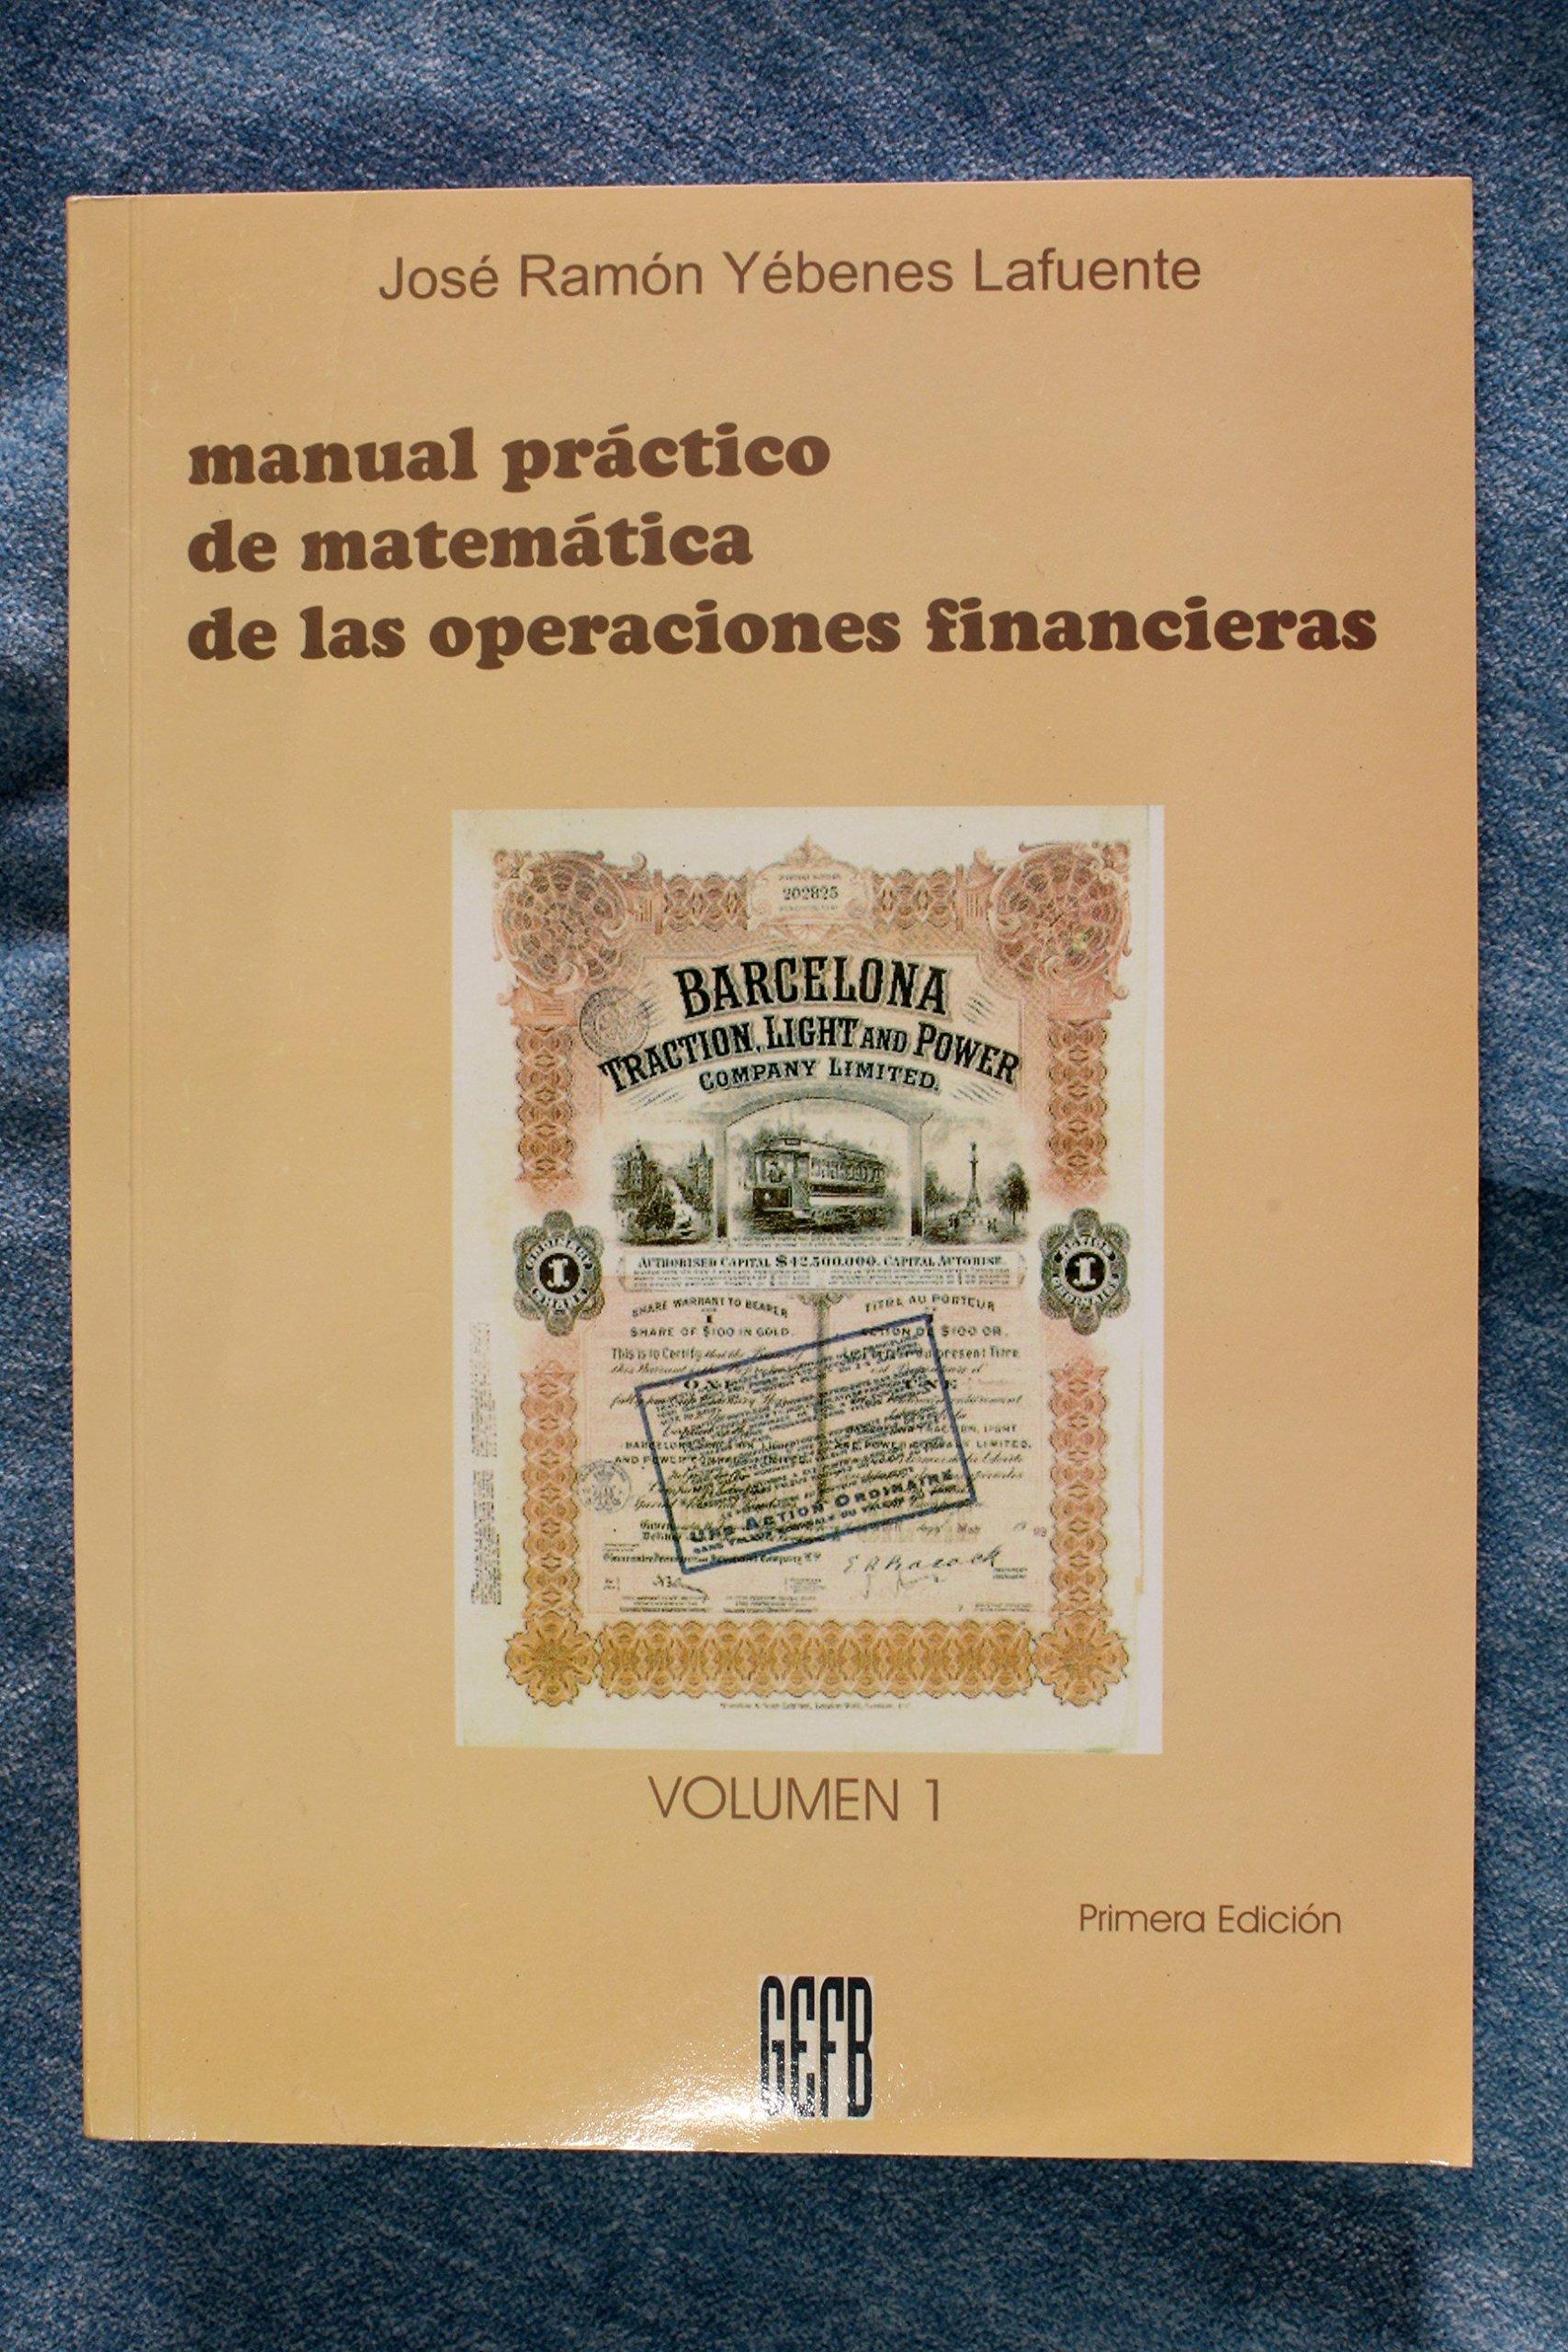 Manual practico de matematicas de las operaciones financieras: Amazon.es: Jose Ramon Yebenes Lafuente: Libros